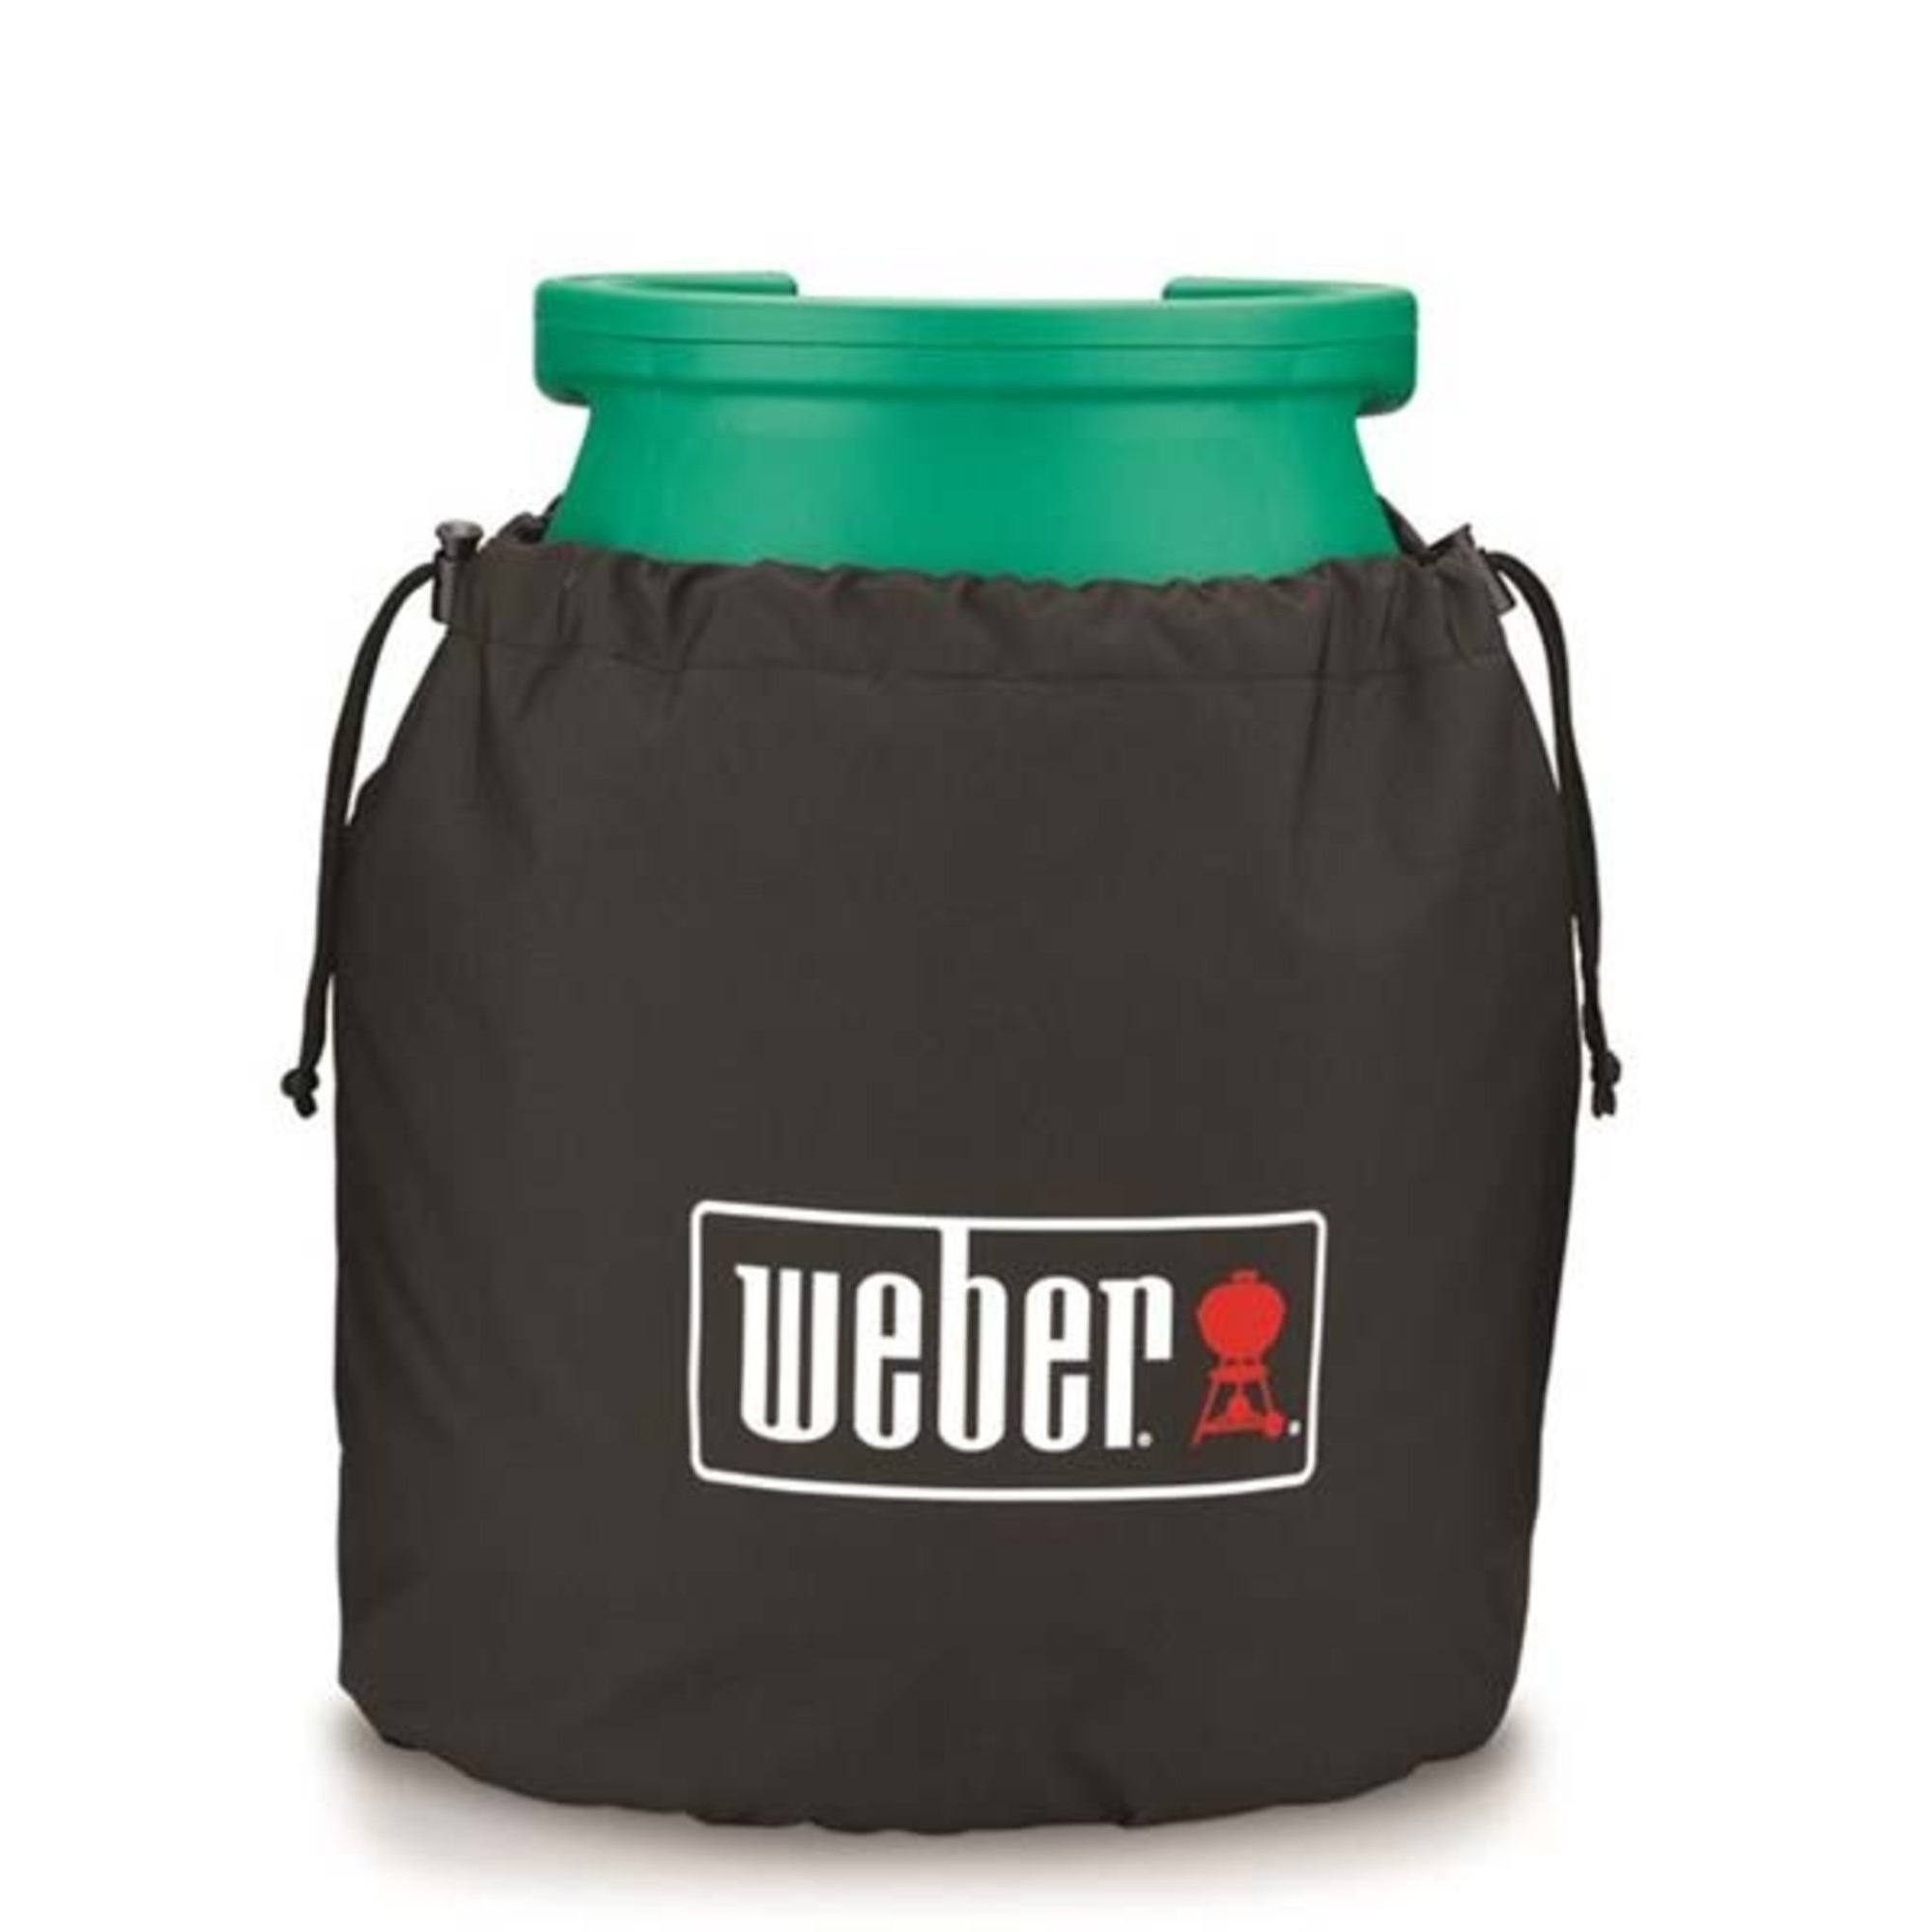 Weber Original Gasolflasköverdrag 5 kg